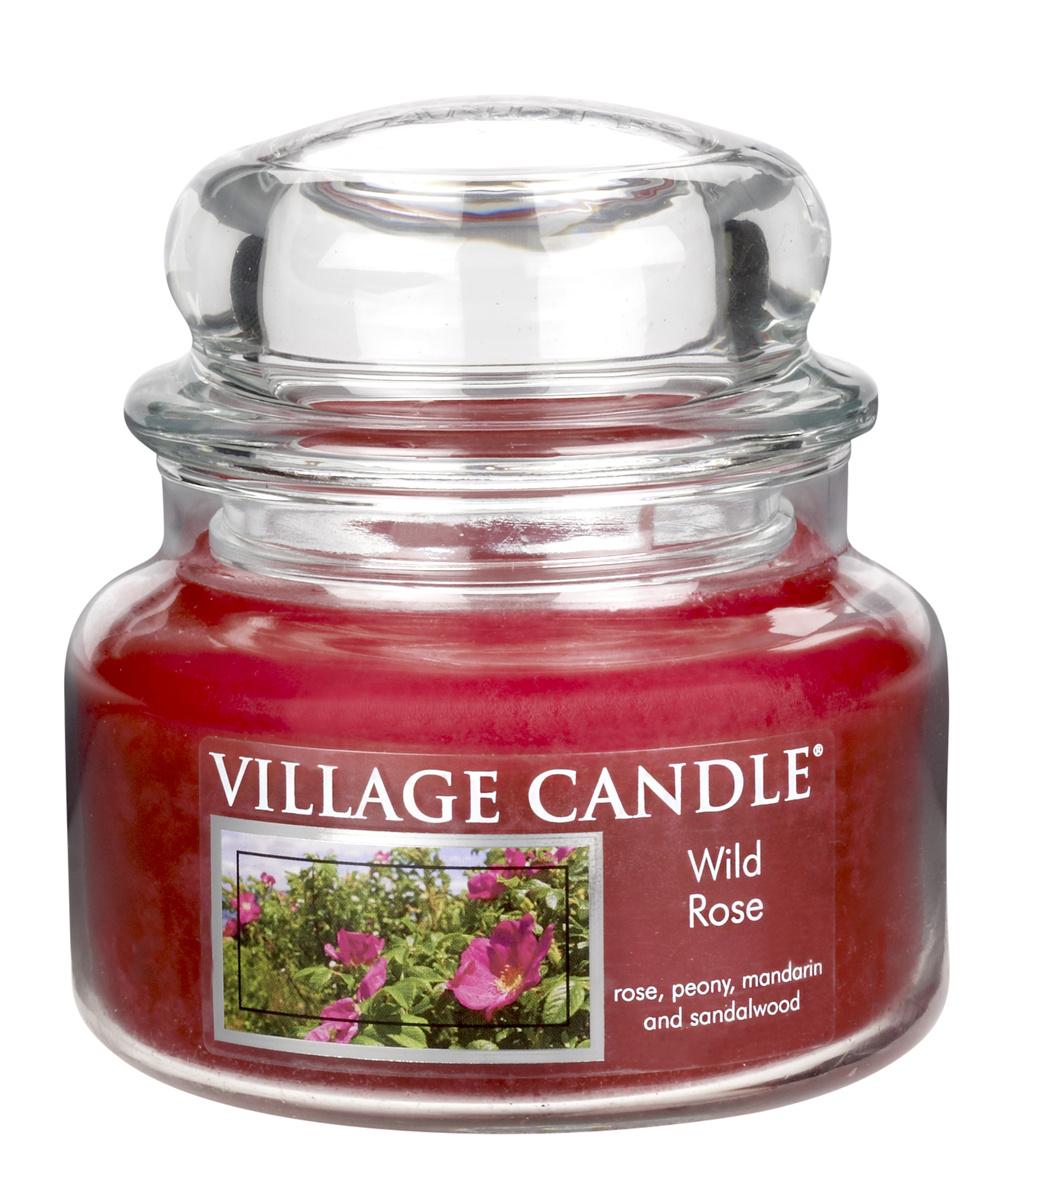 Village Candle Vonná svíčka ve skle, Divoká růže - Wild Rose, 269 g, 269 g